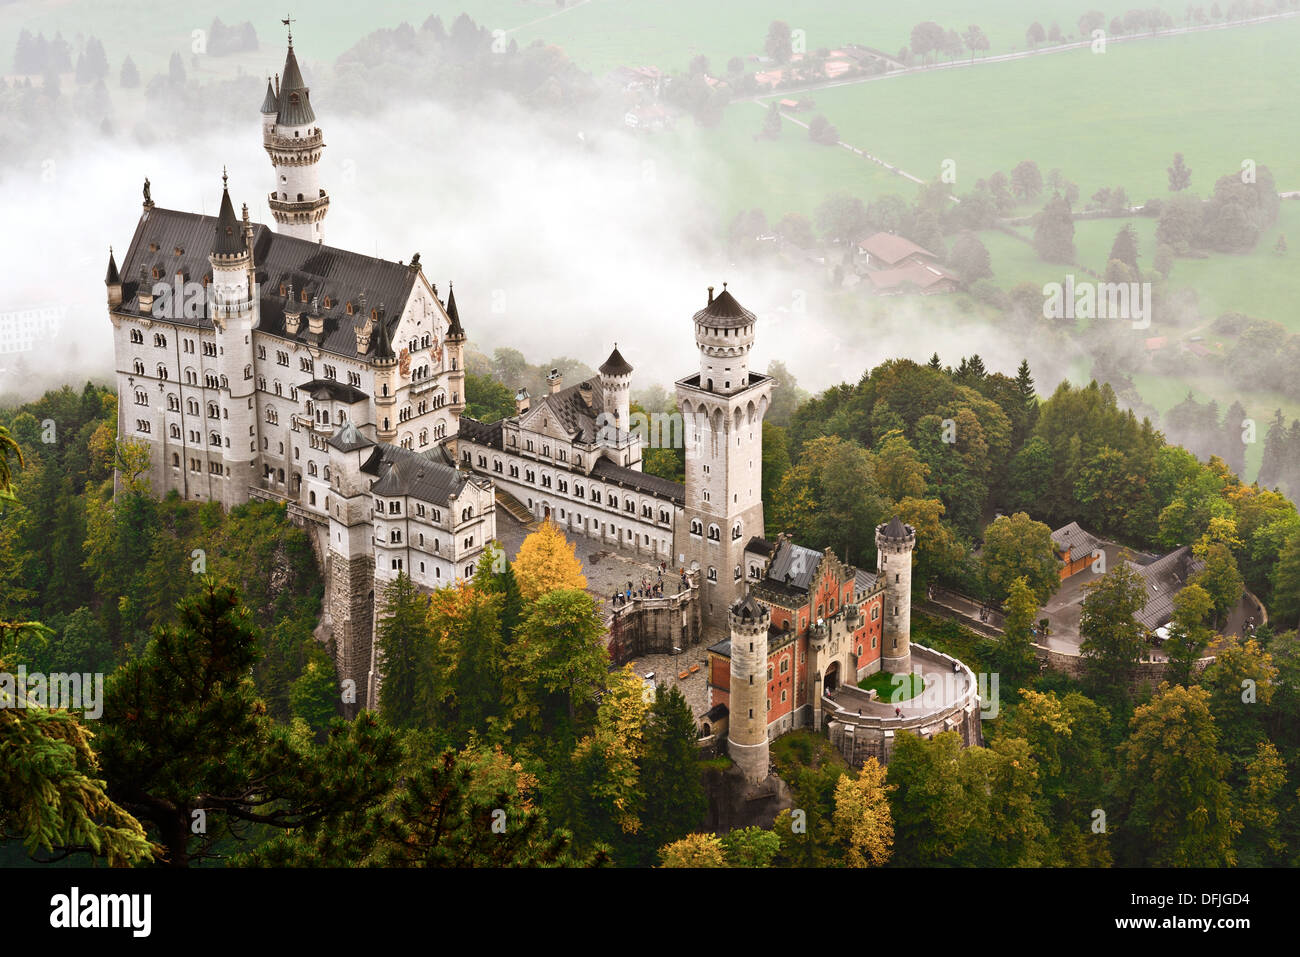 Eingehüllt in Nebel in den Bayerischen Alpen Deutschland Schloss Neuschwanstein. Stockbild